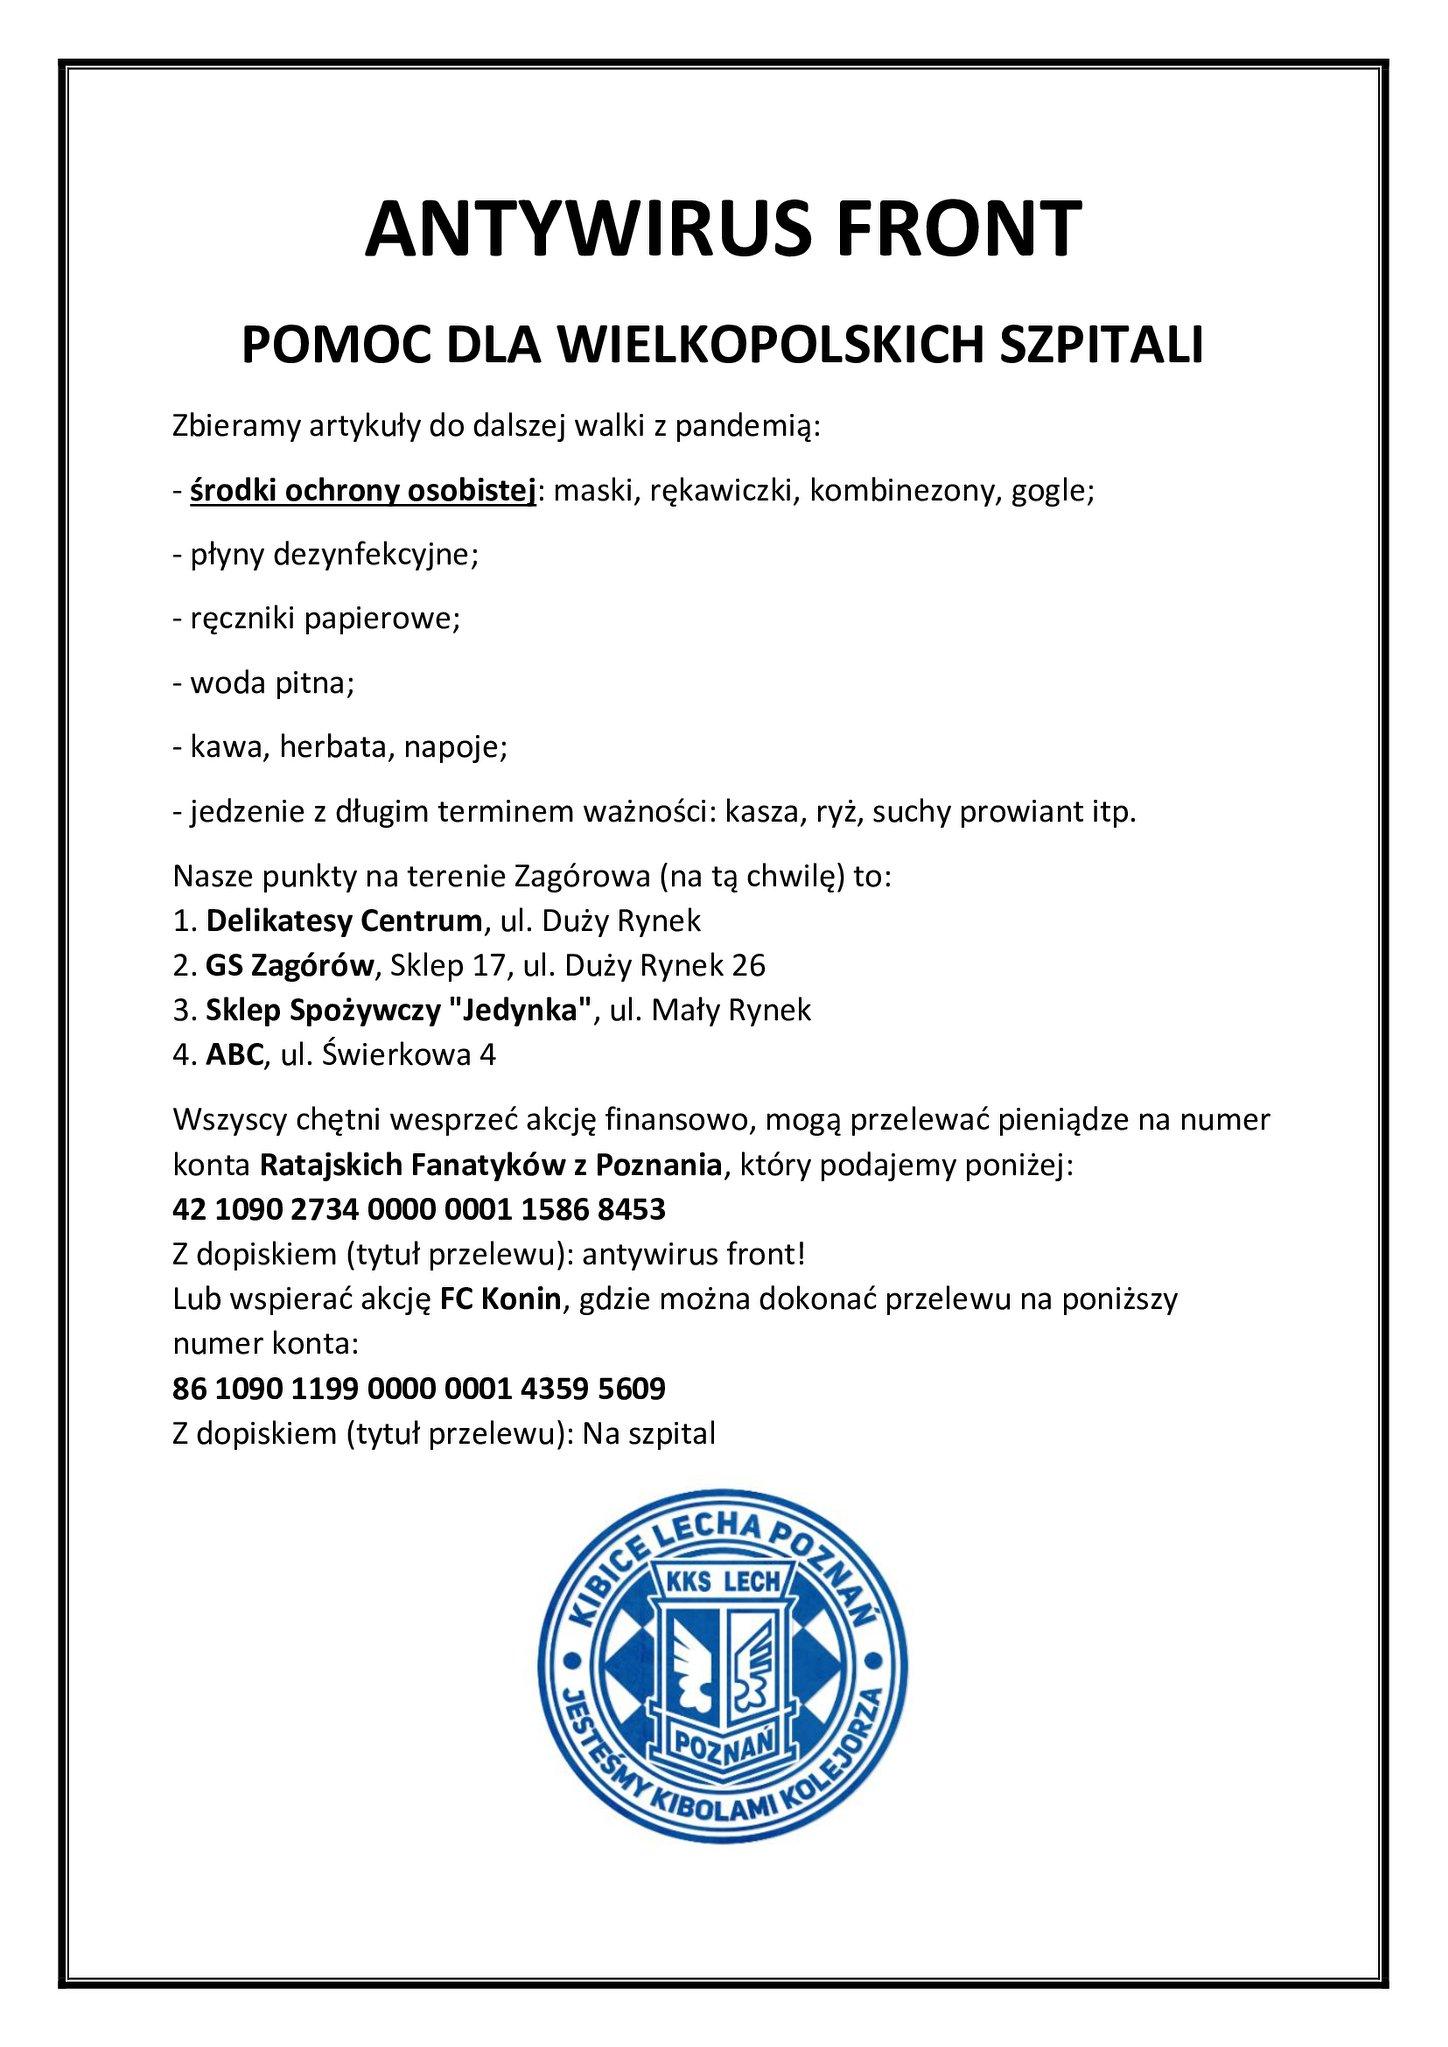 Organizują zbiórkę dla wielkopolskich szpitali